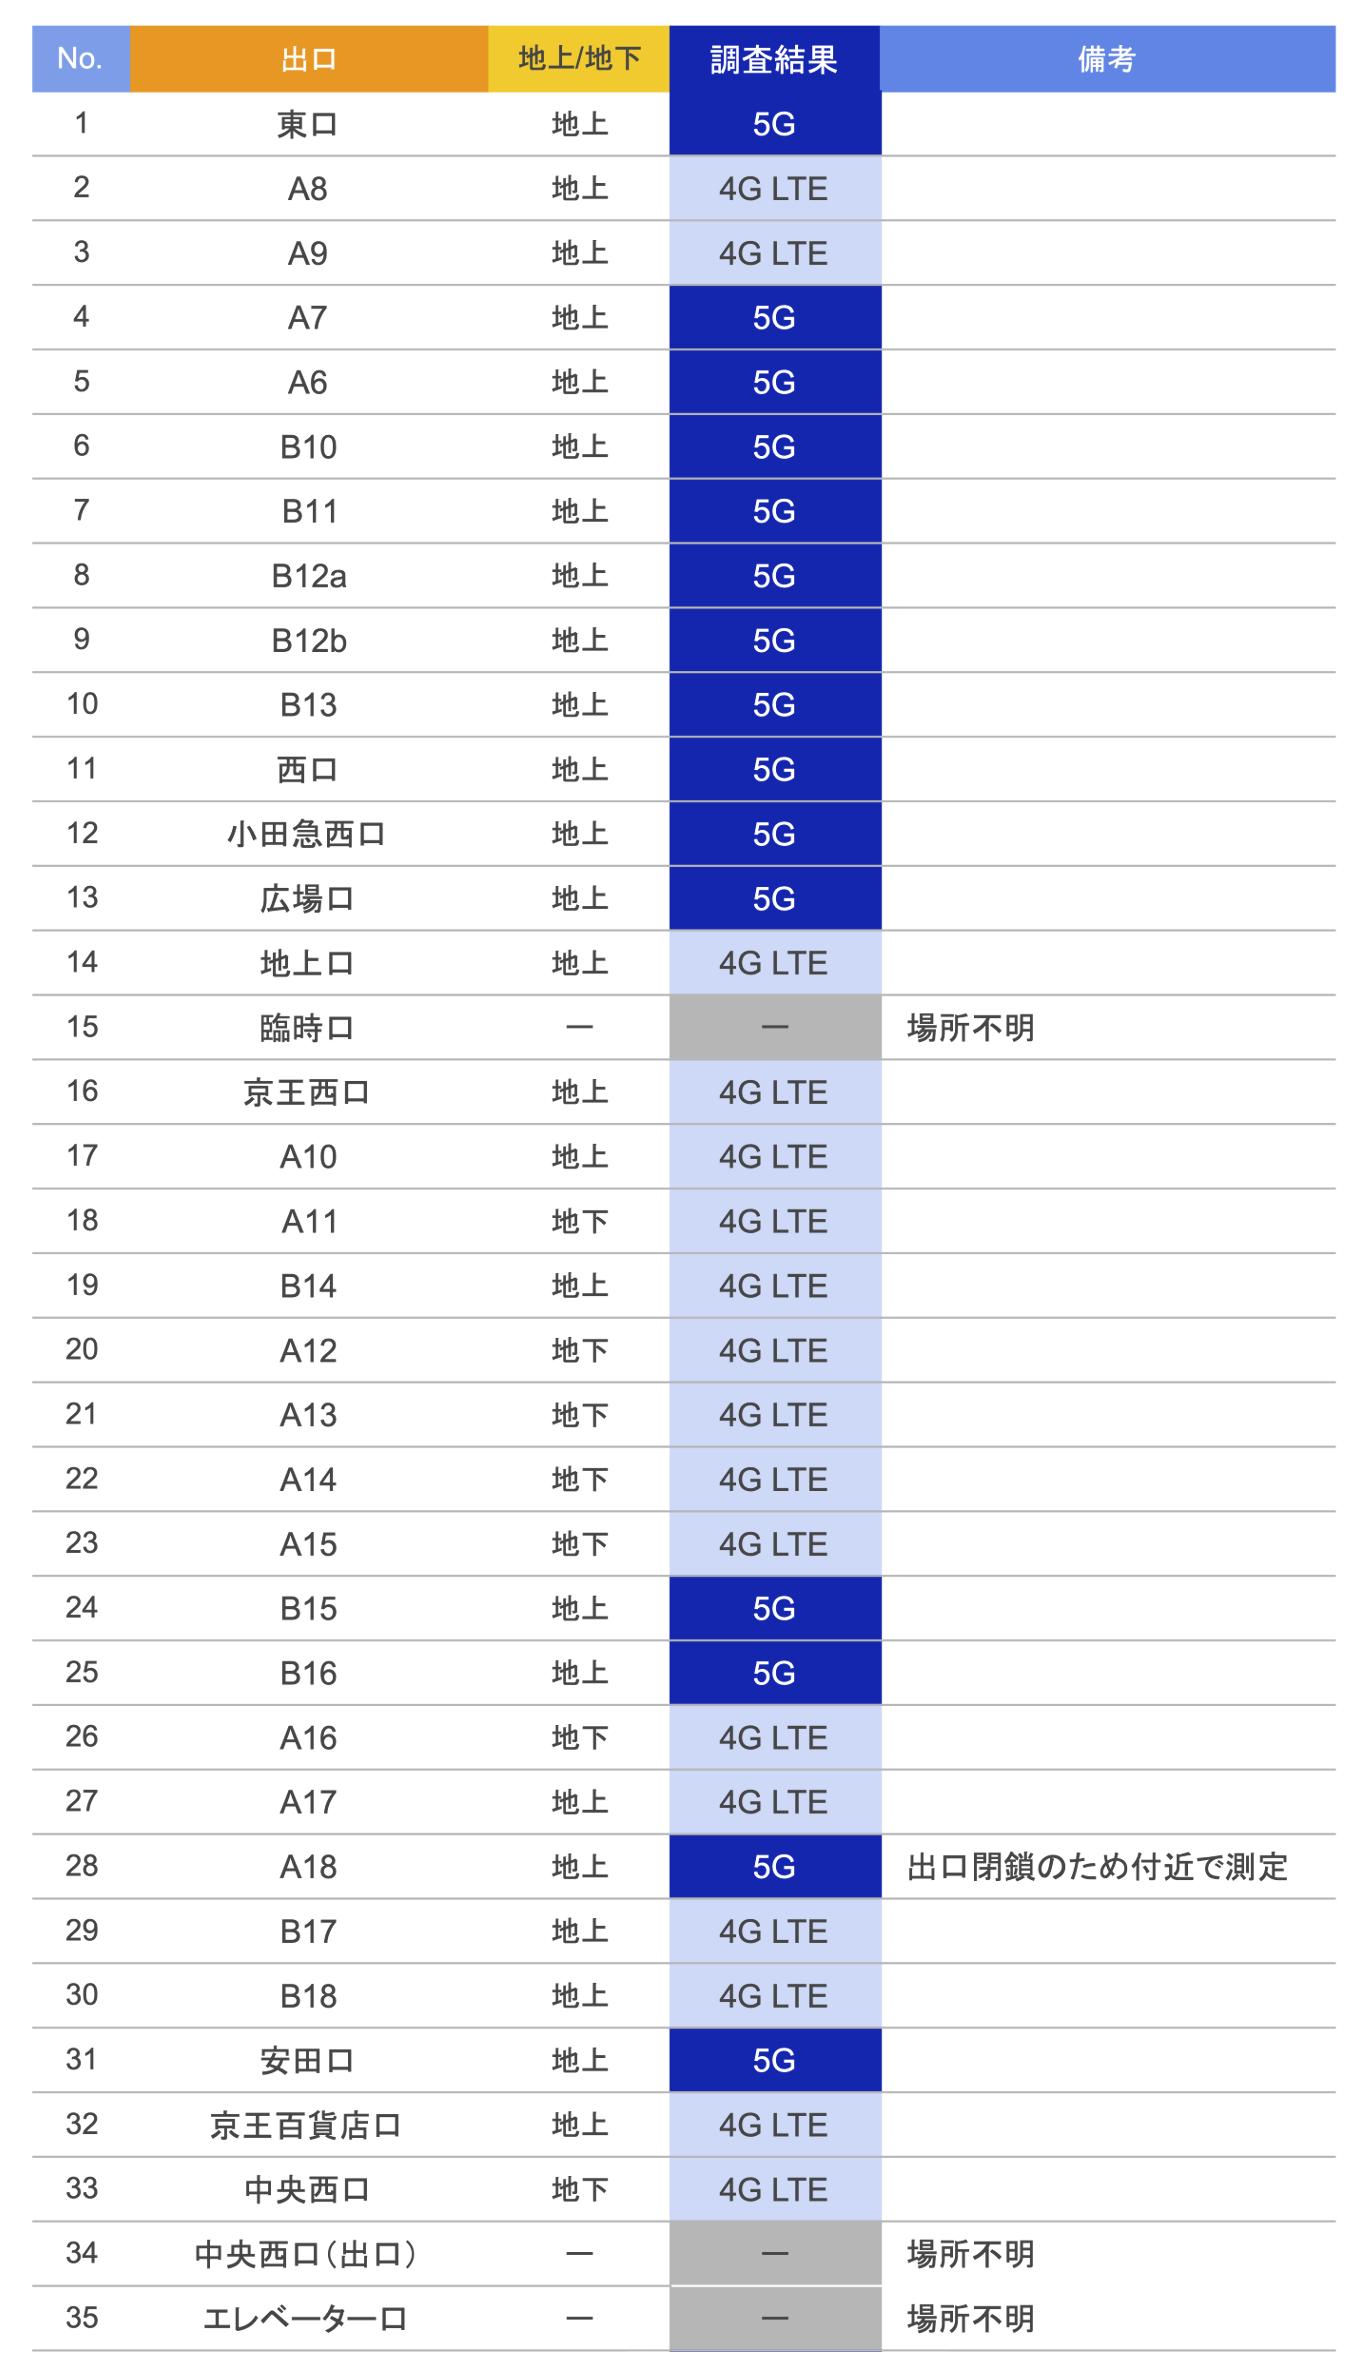 新宿駅の出口でau5Gの電波調査結果2